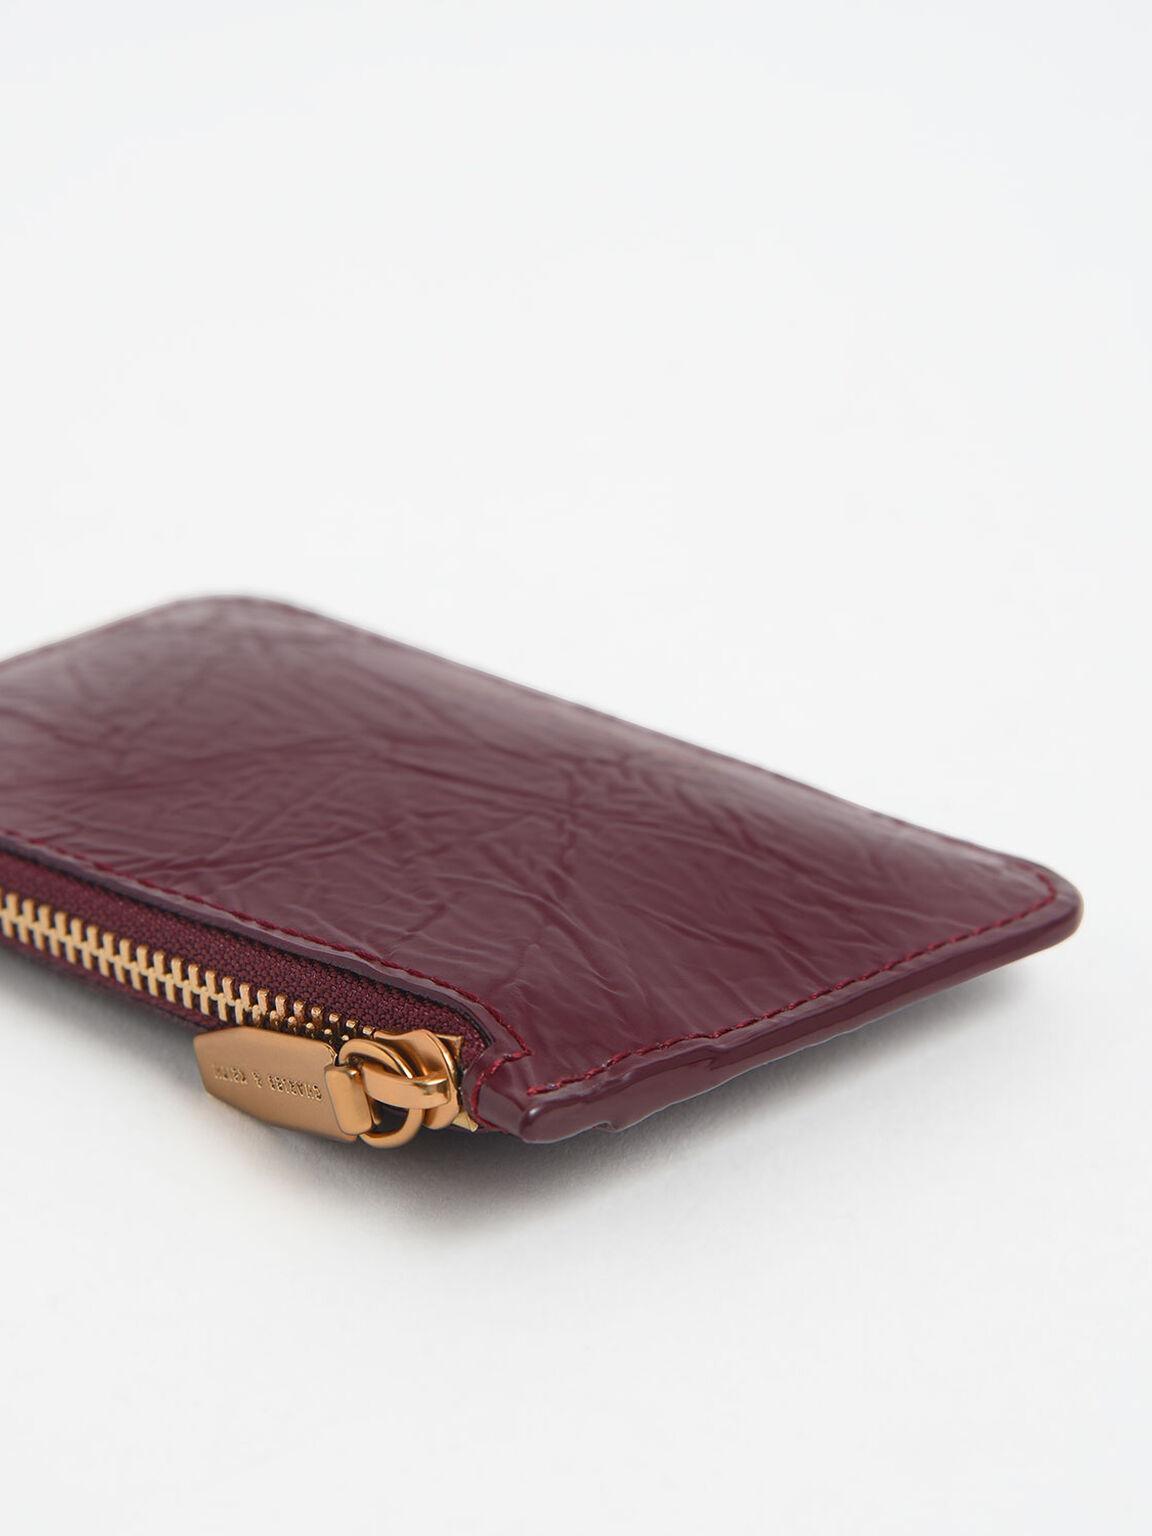 Wrinkled Effect Top Zip Cardholder, Burgundy, hi-res